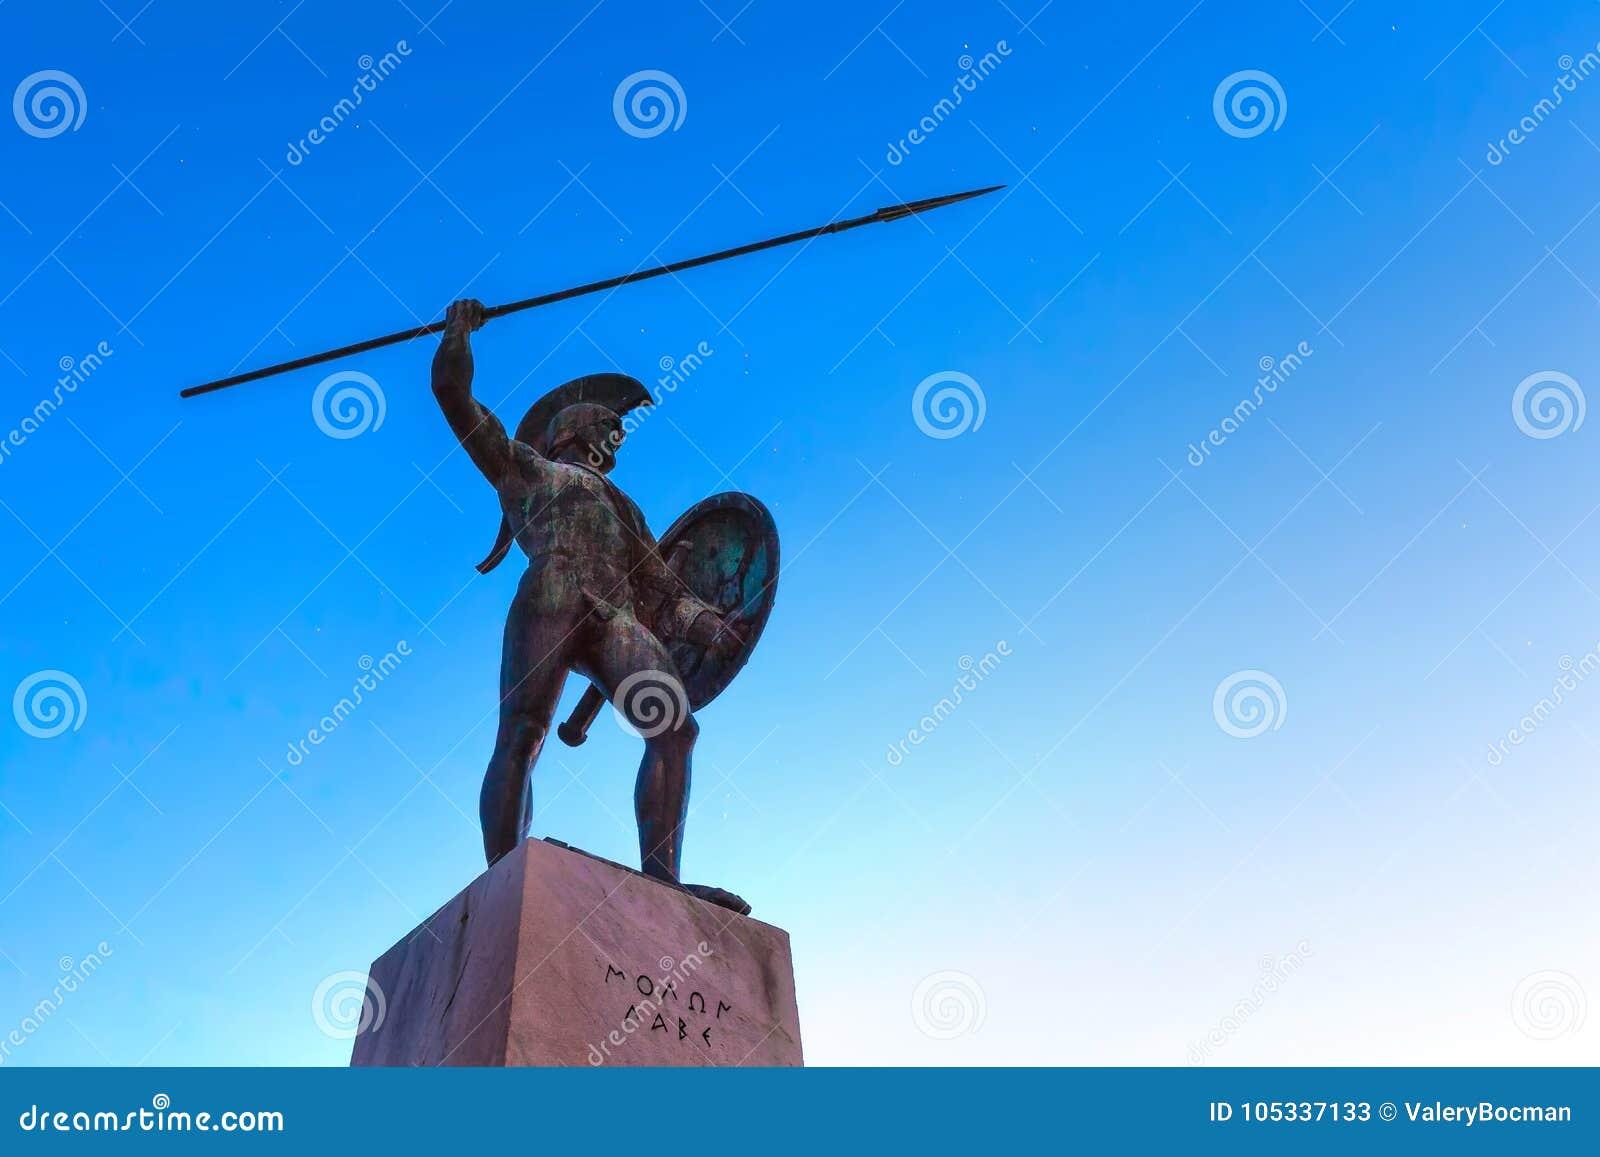 Memoriale di Leonidas e di Sparta 300, Grecia - aprile 2017